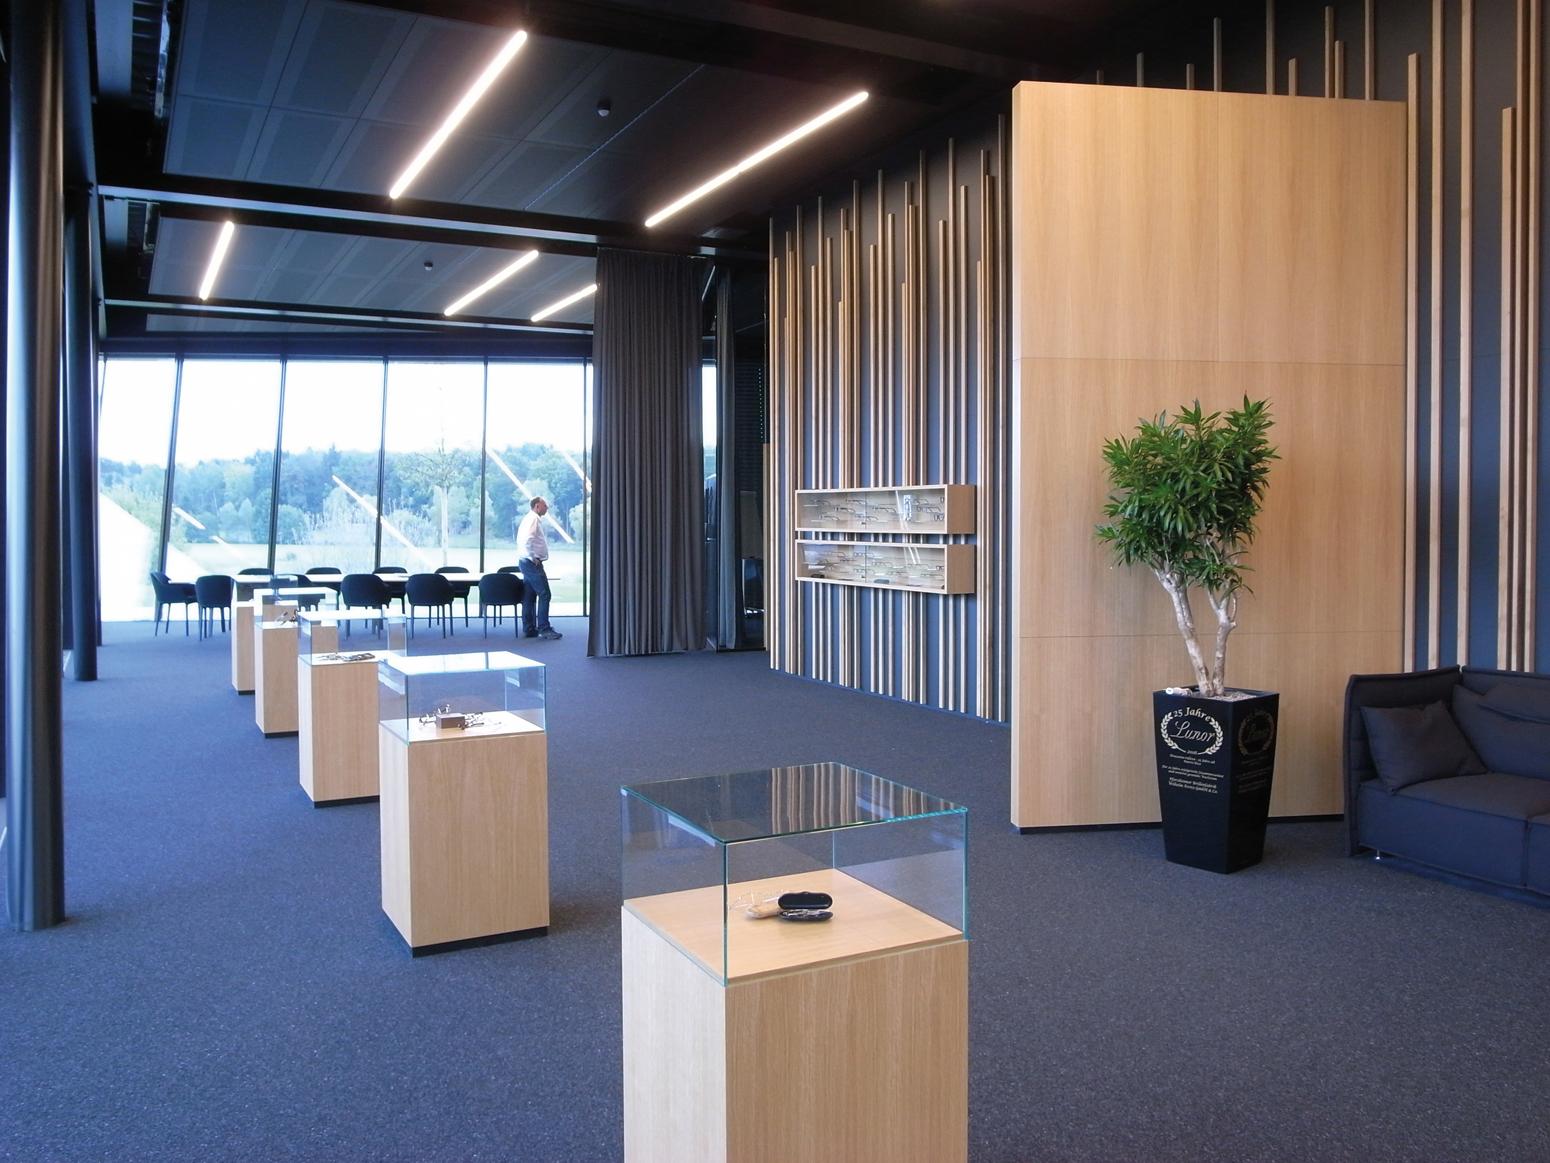 Elegant, großzügig und harmonisch. Das Foyer als einladendes Forum zur Kommunikation.